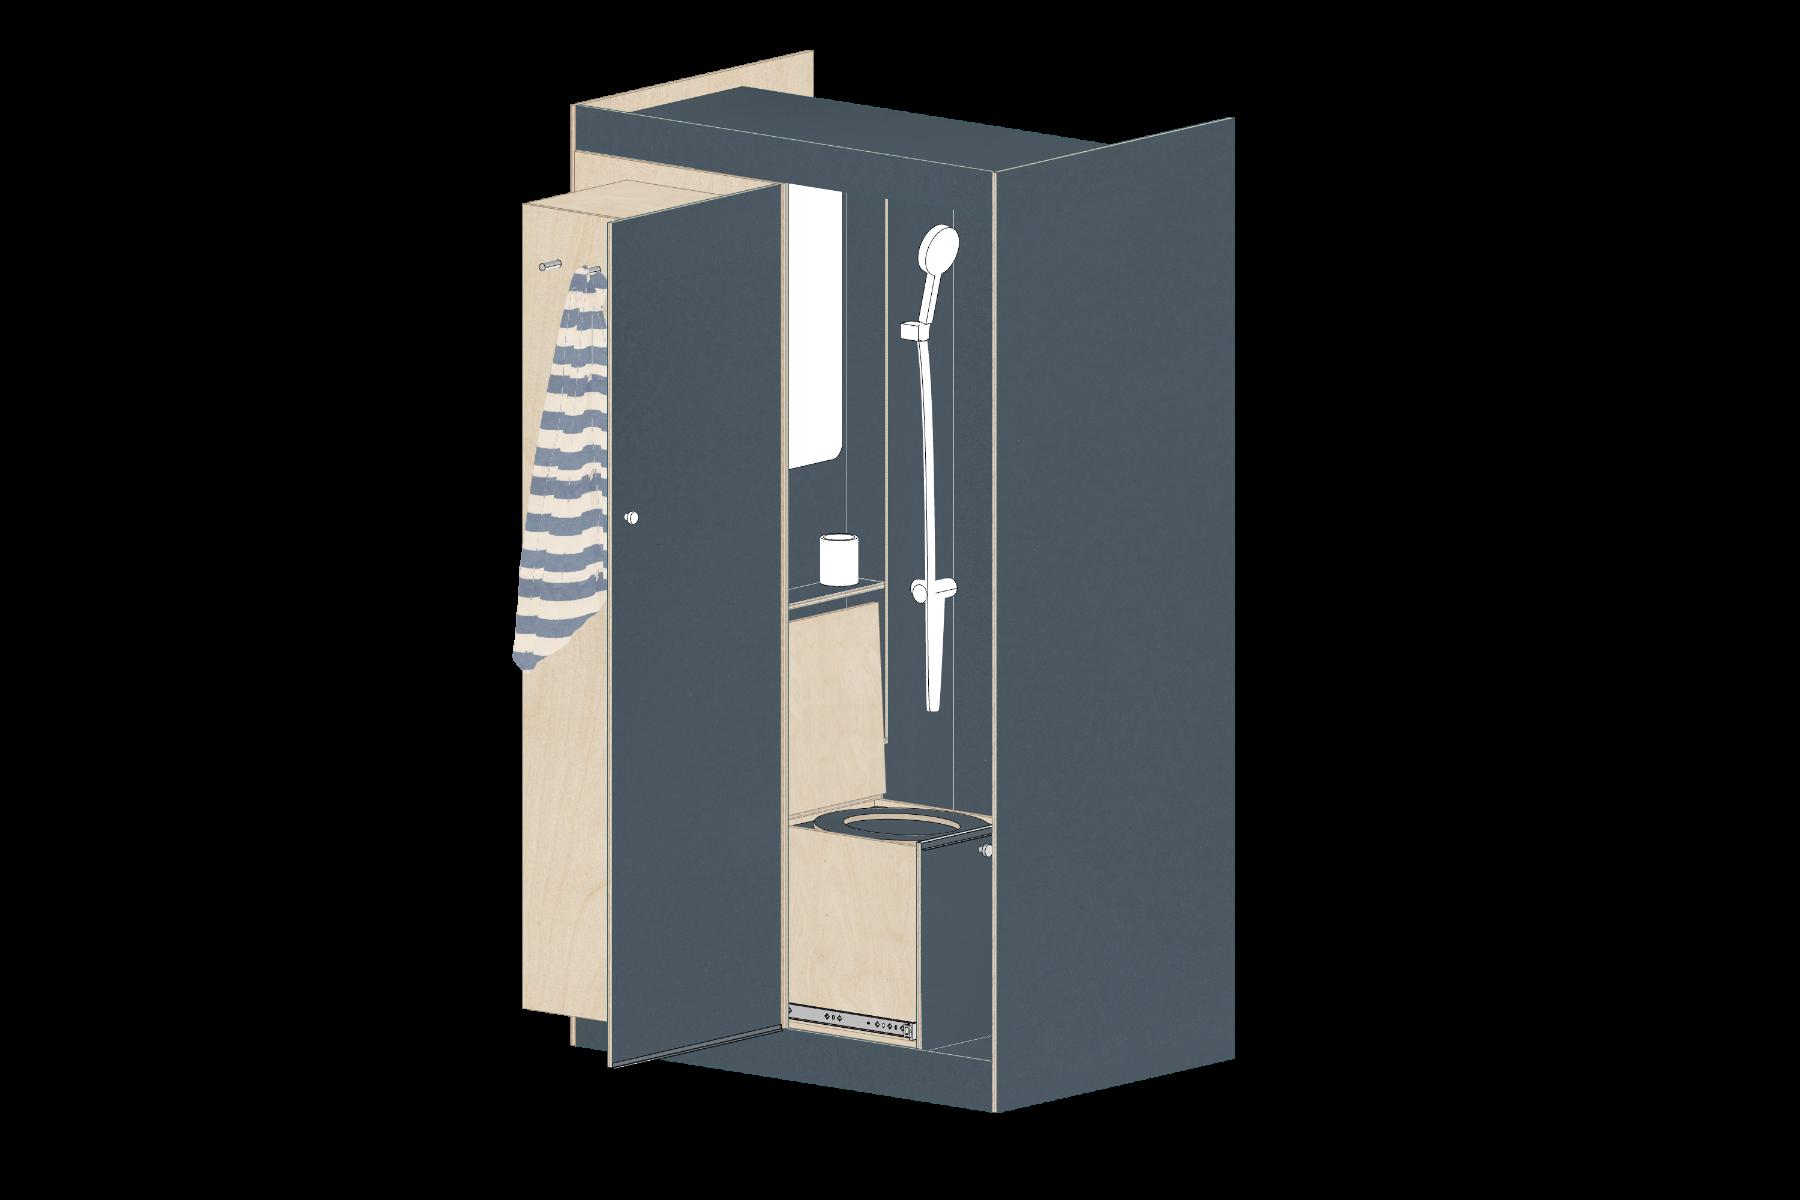 D1H2_05 Toilette